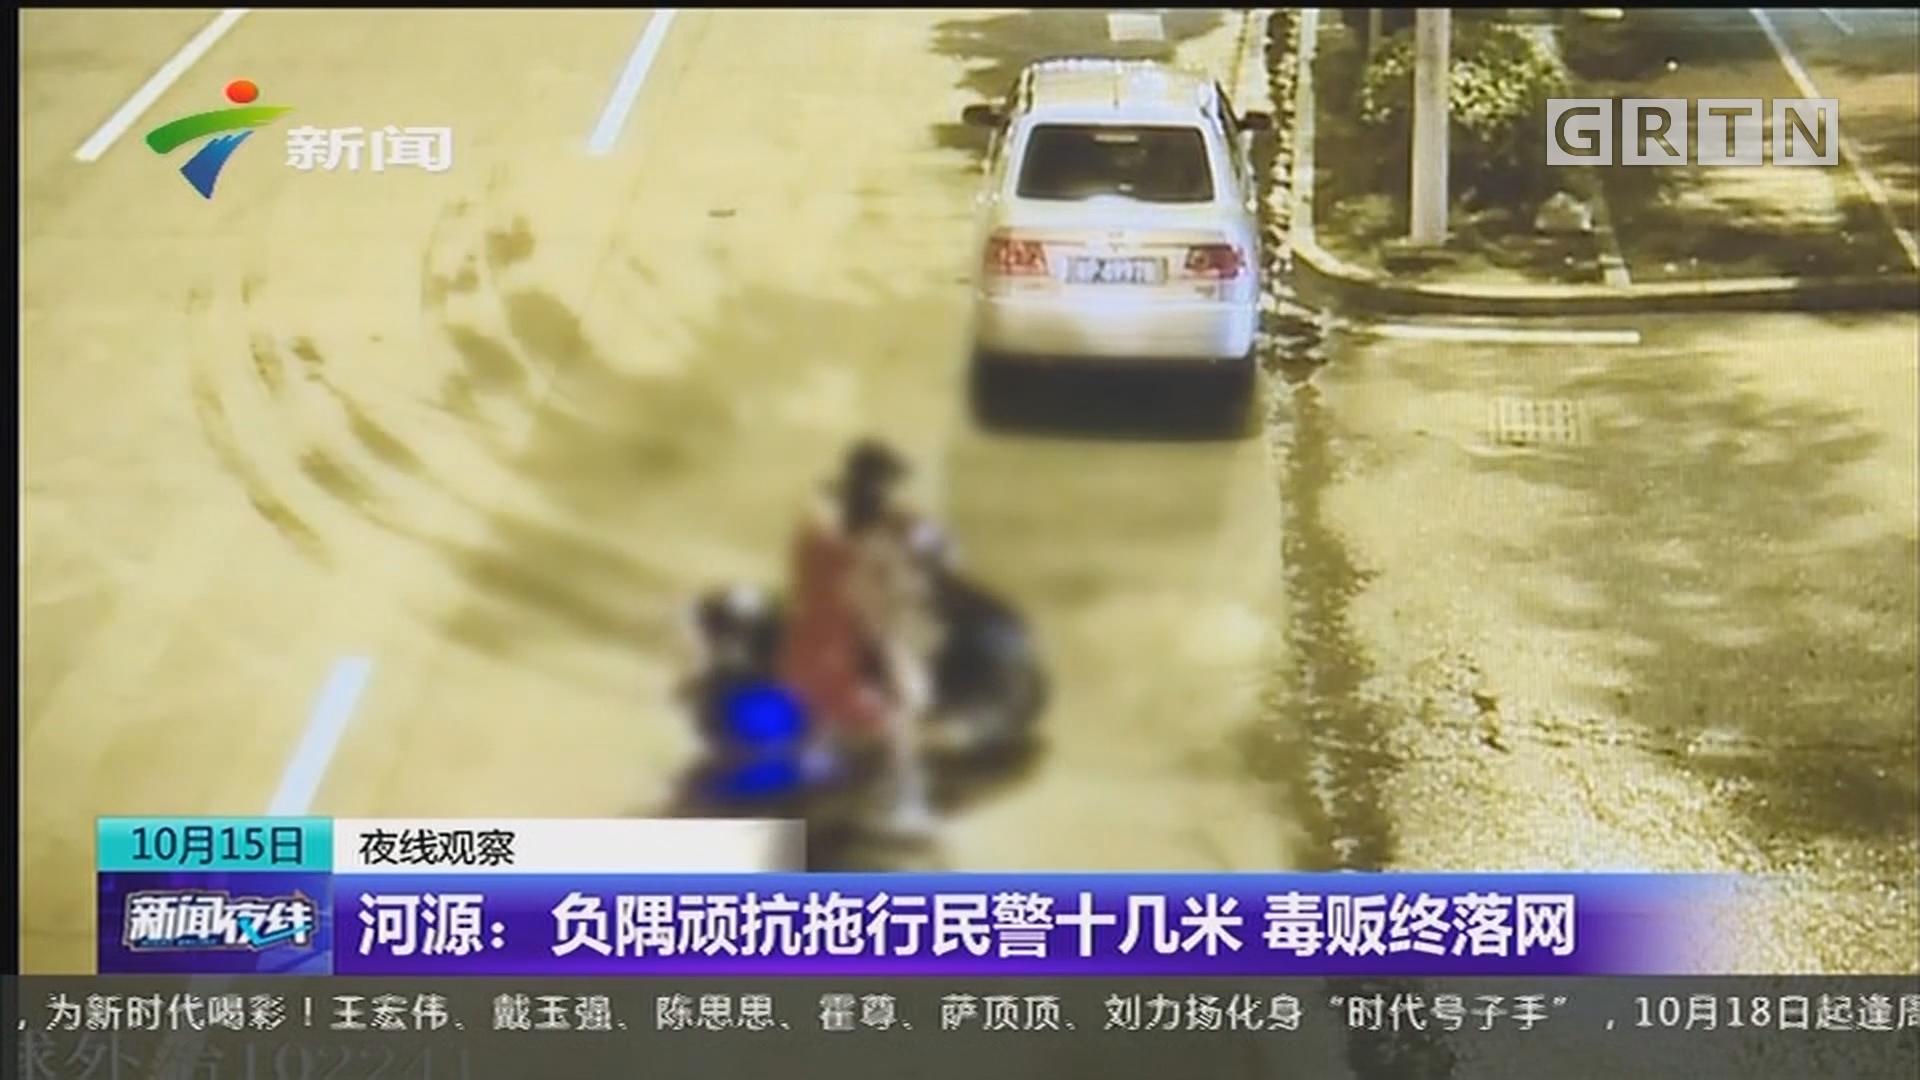 河源:负隅顽抗拖行民警十几米 毒贩终落网